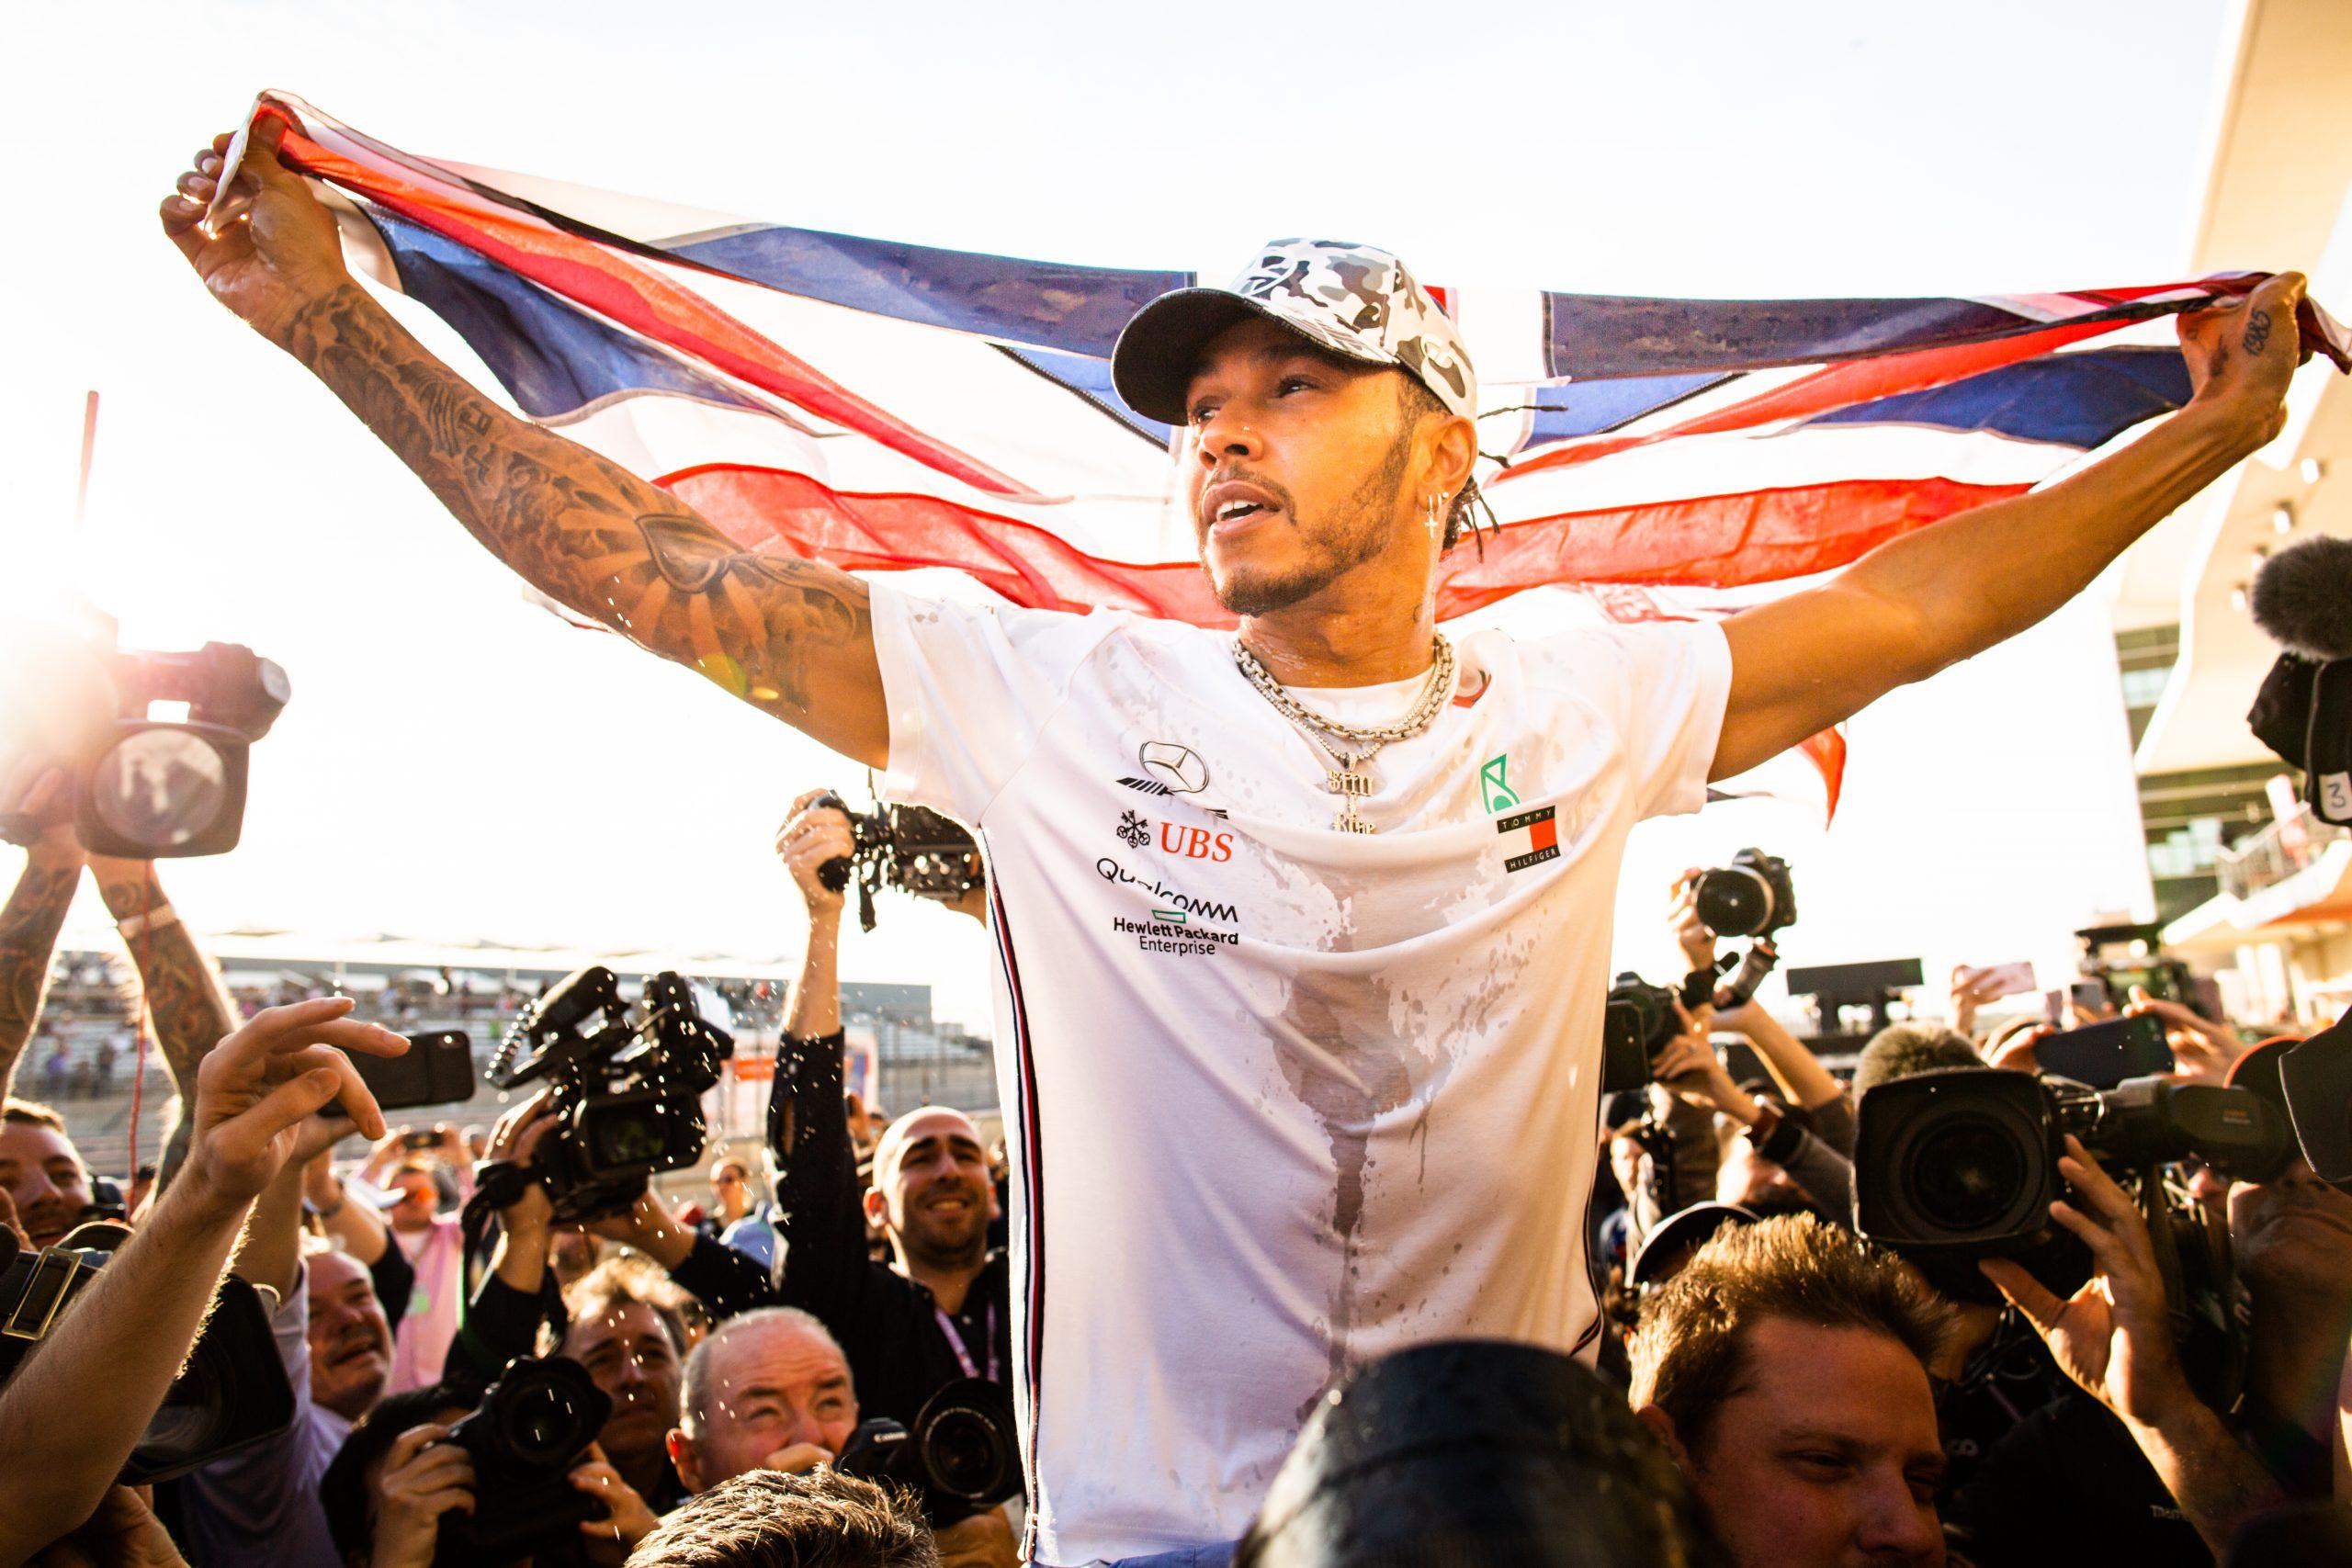 F1 – USA GRAND PRIX – 2019